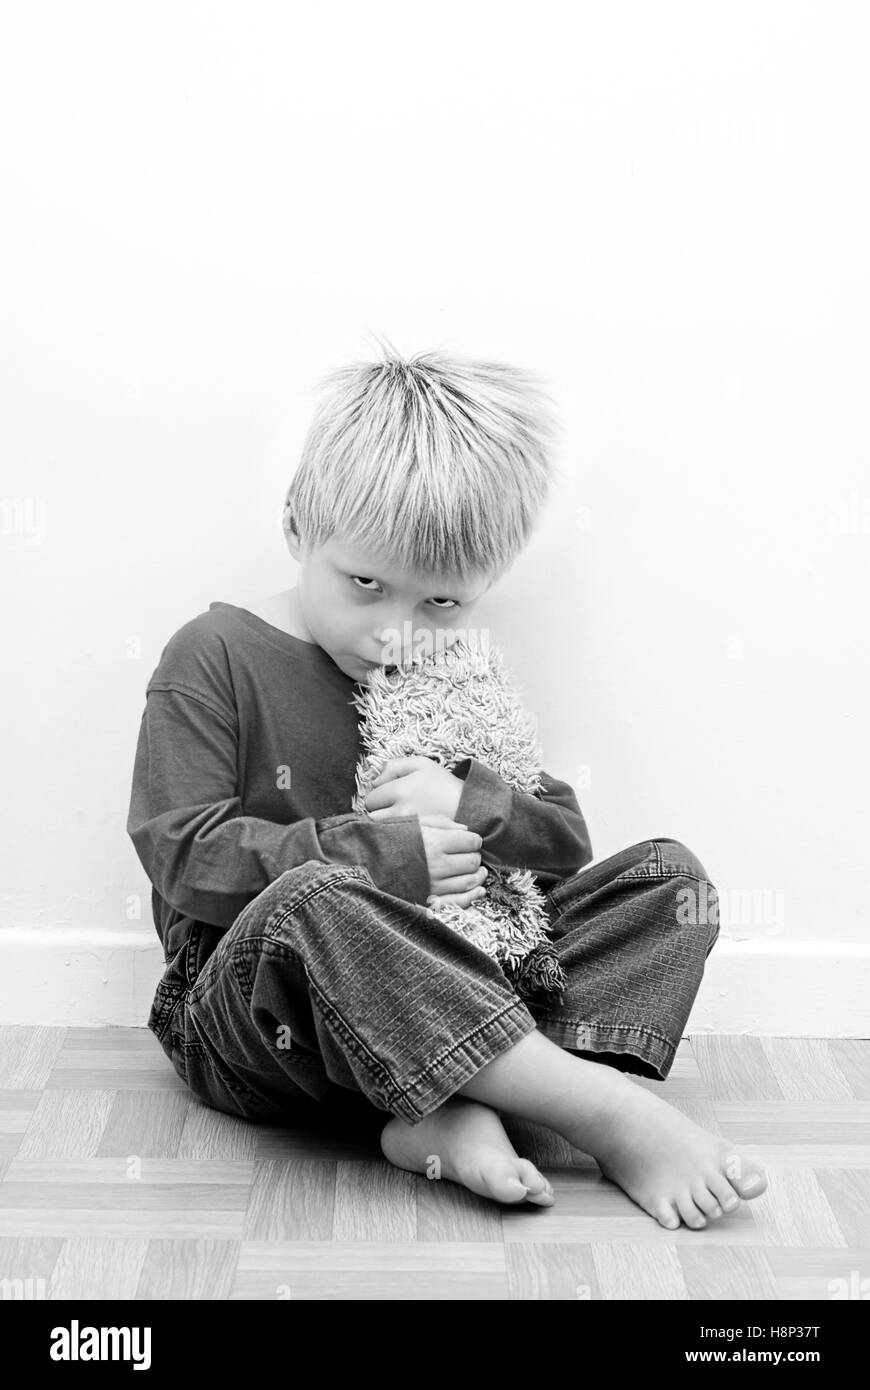 Contrasty Image of Child representing Autistic Behaviour